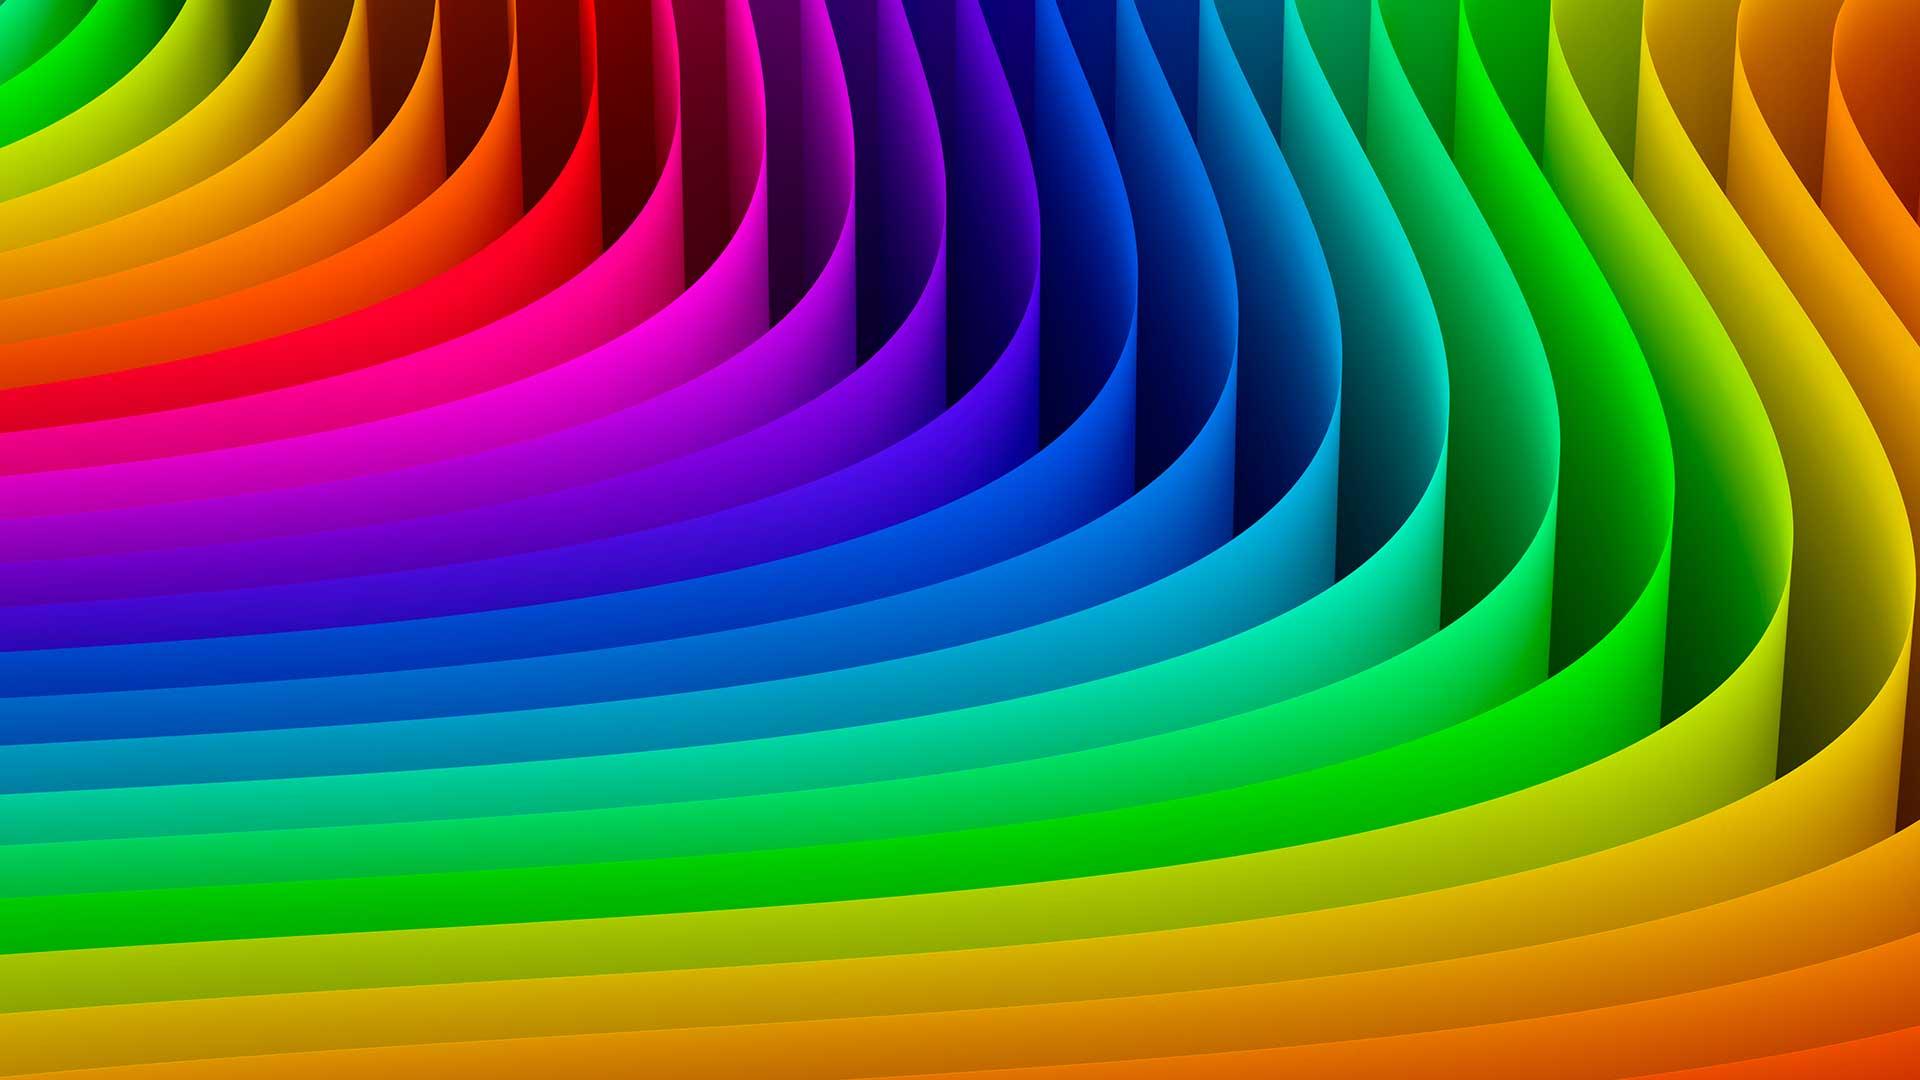 Todo lo que deberías saber sobre el color. Parte 1 | Waarket